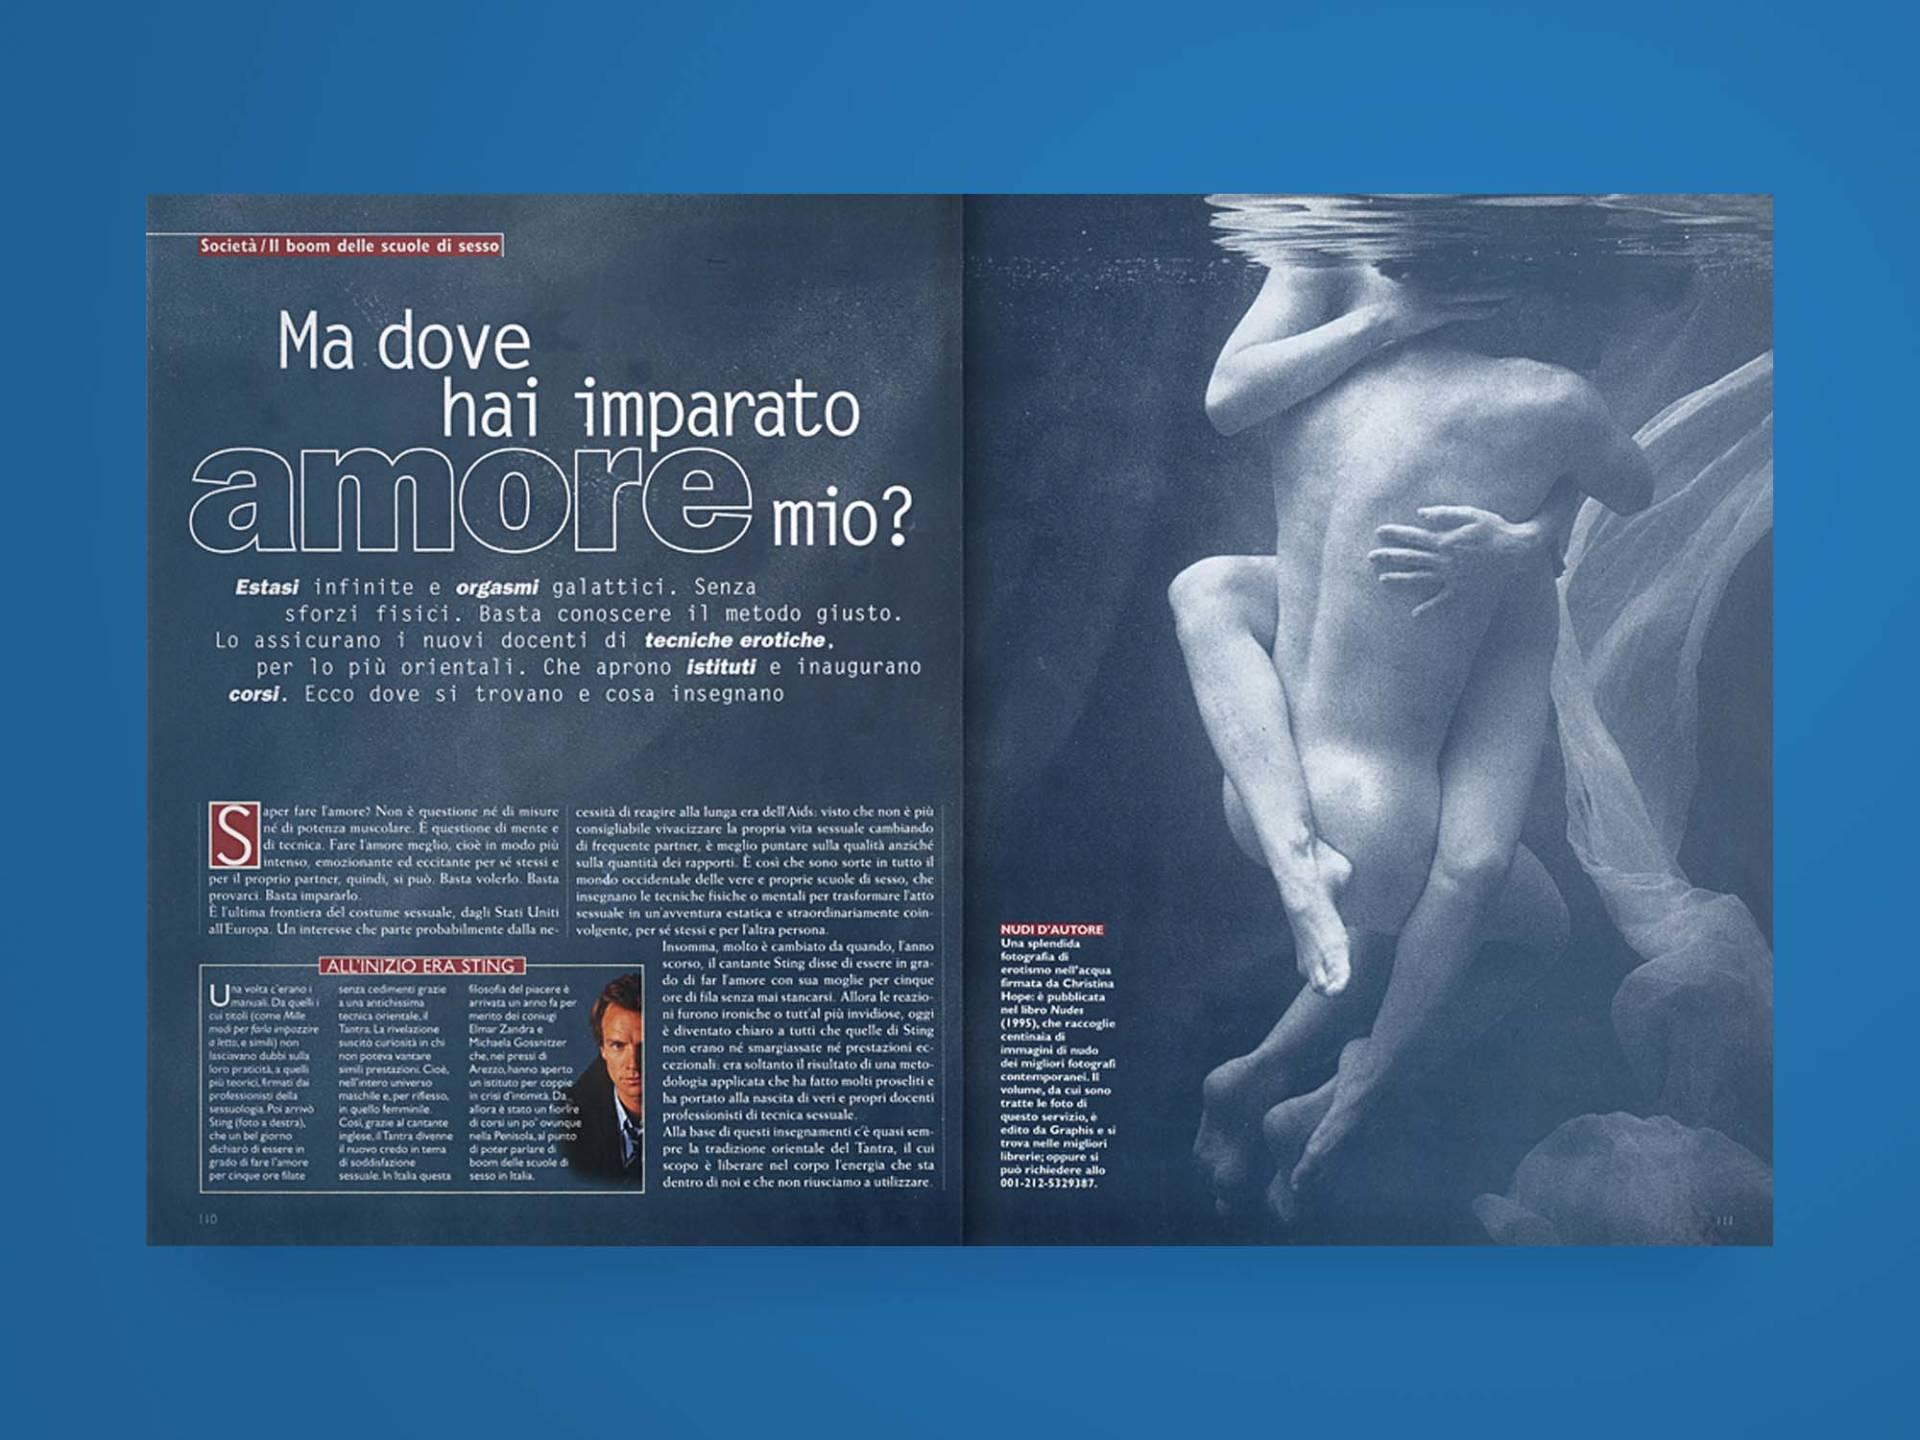 Gulliver+_08_Wenceslau_News_Design